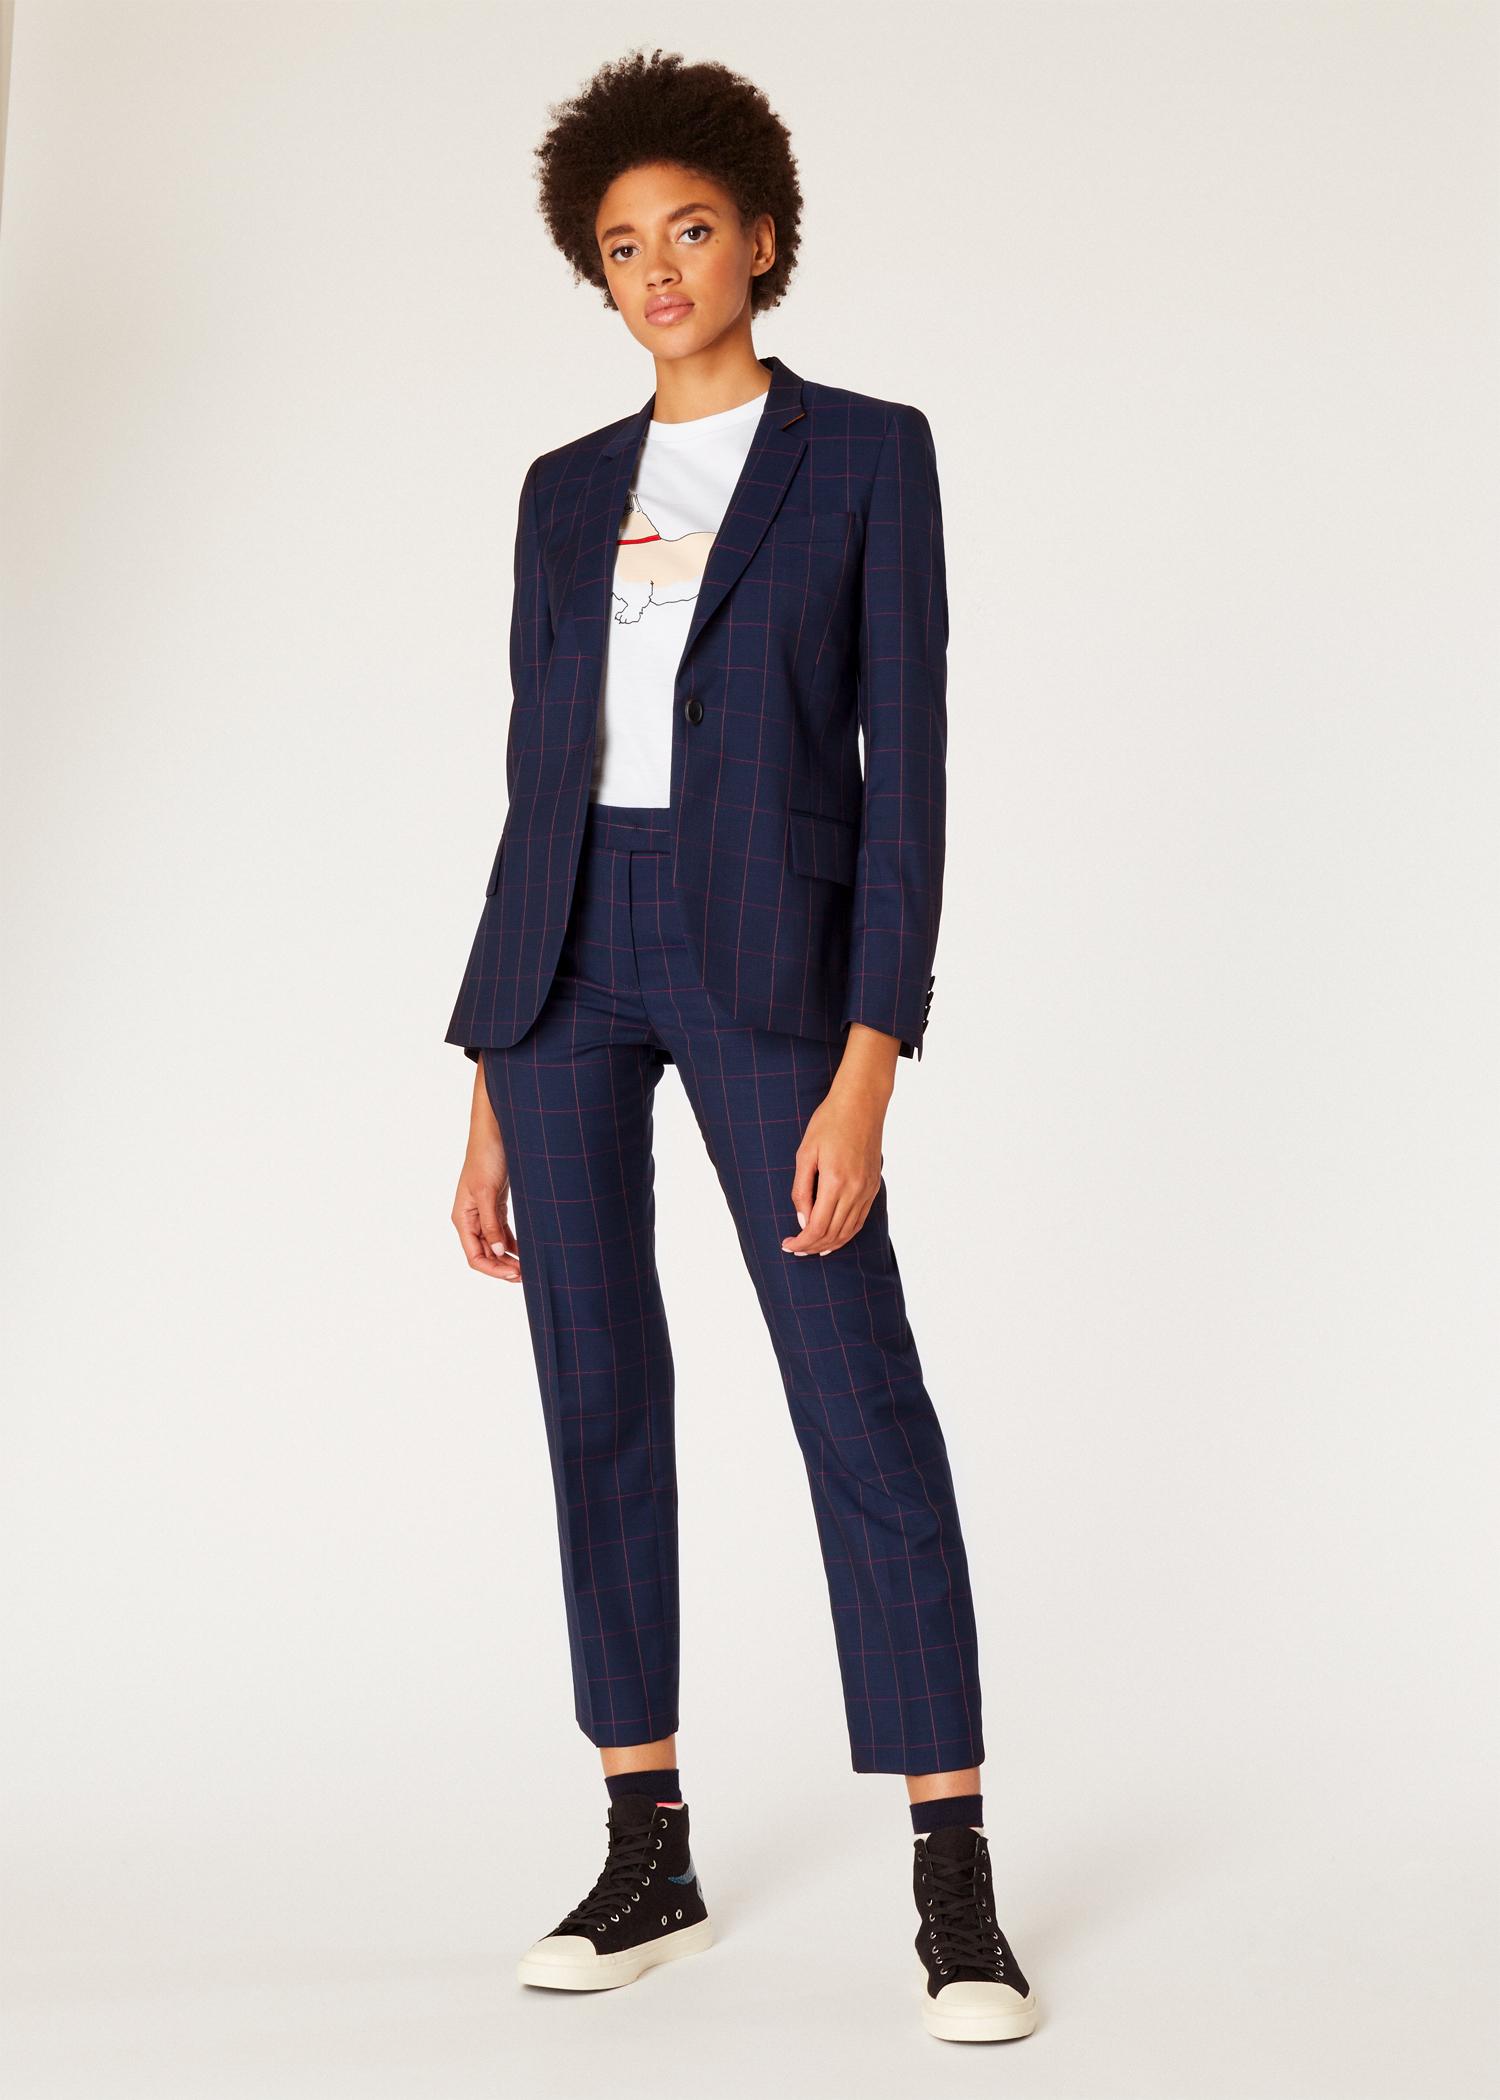 1160f58577bc Model full - Women's Dark Navy Windowpane Check Wool Suit Paul Smith